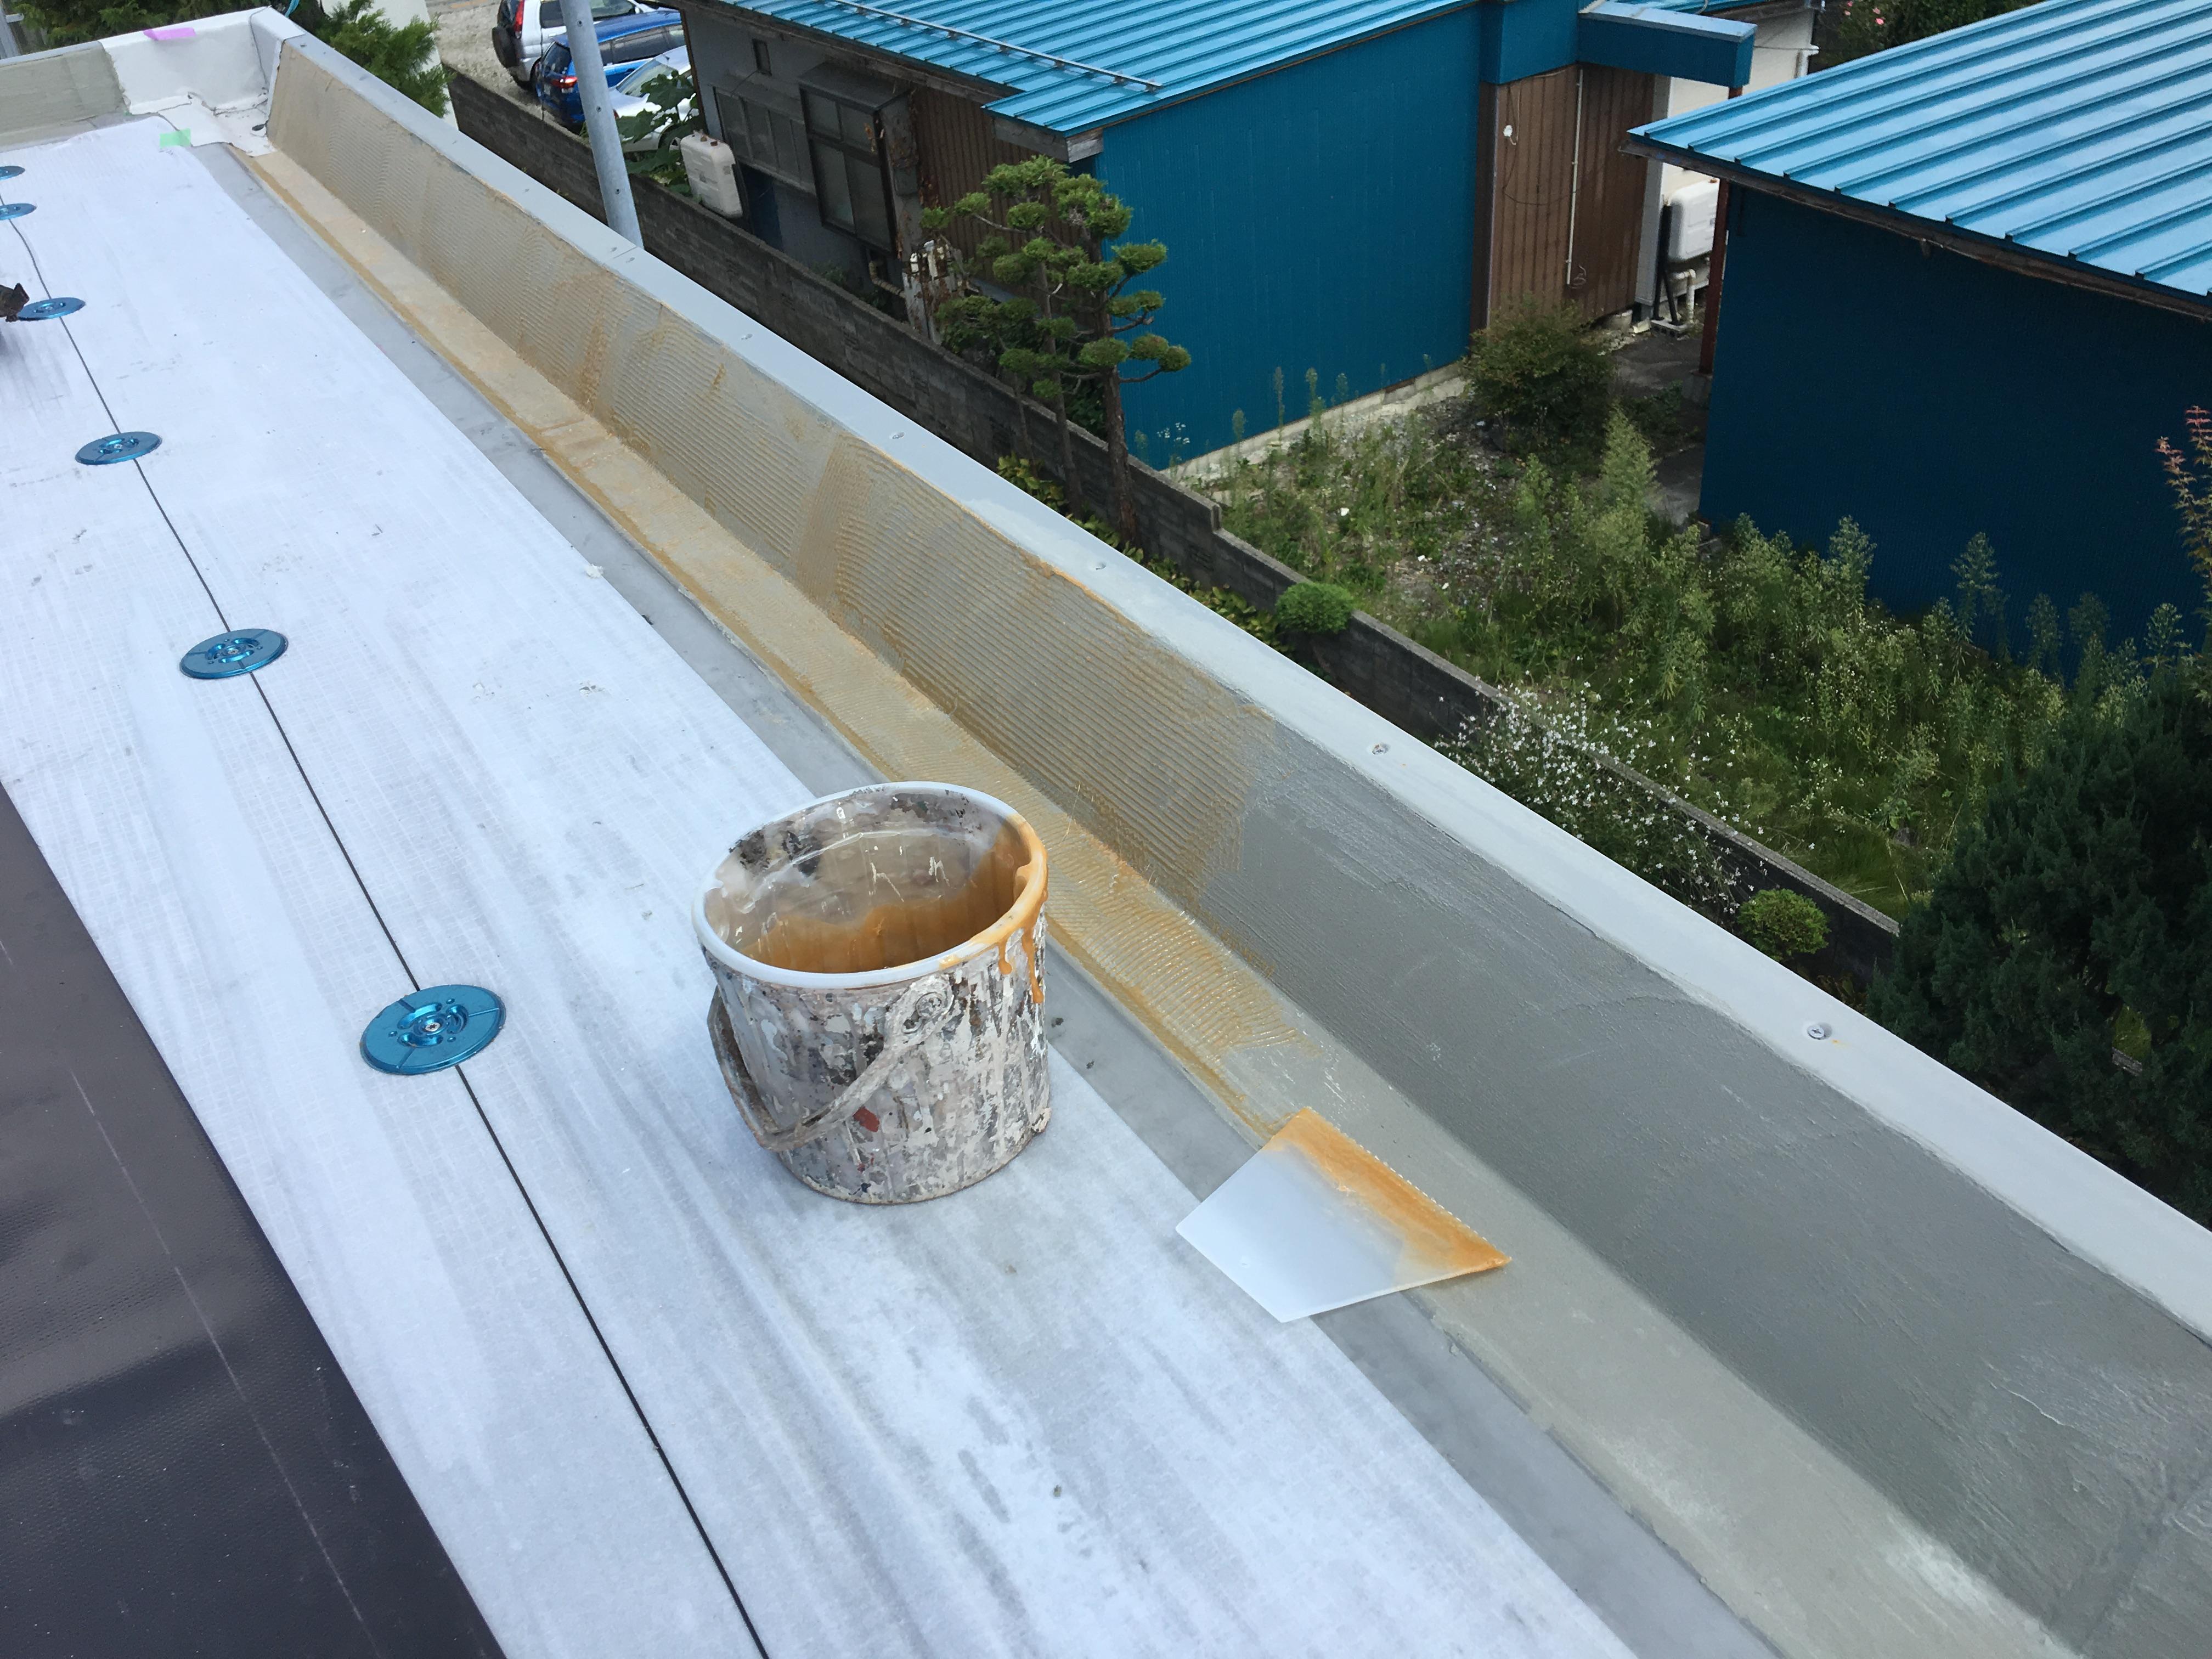 セキスイハイム 屋上 防水